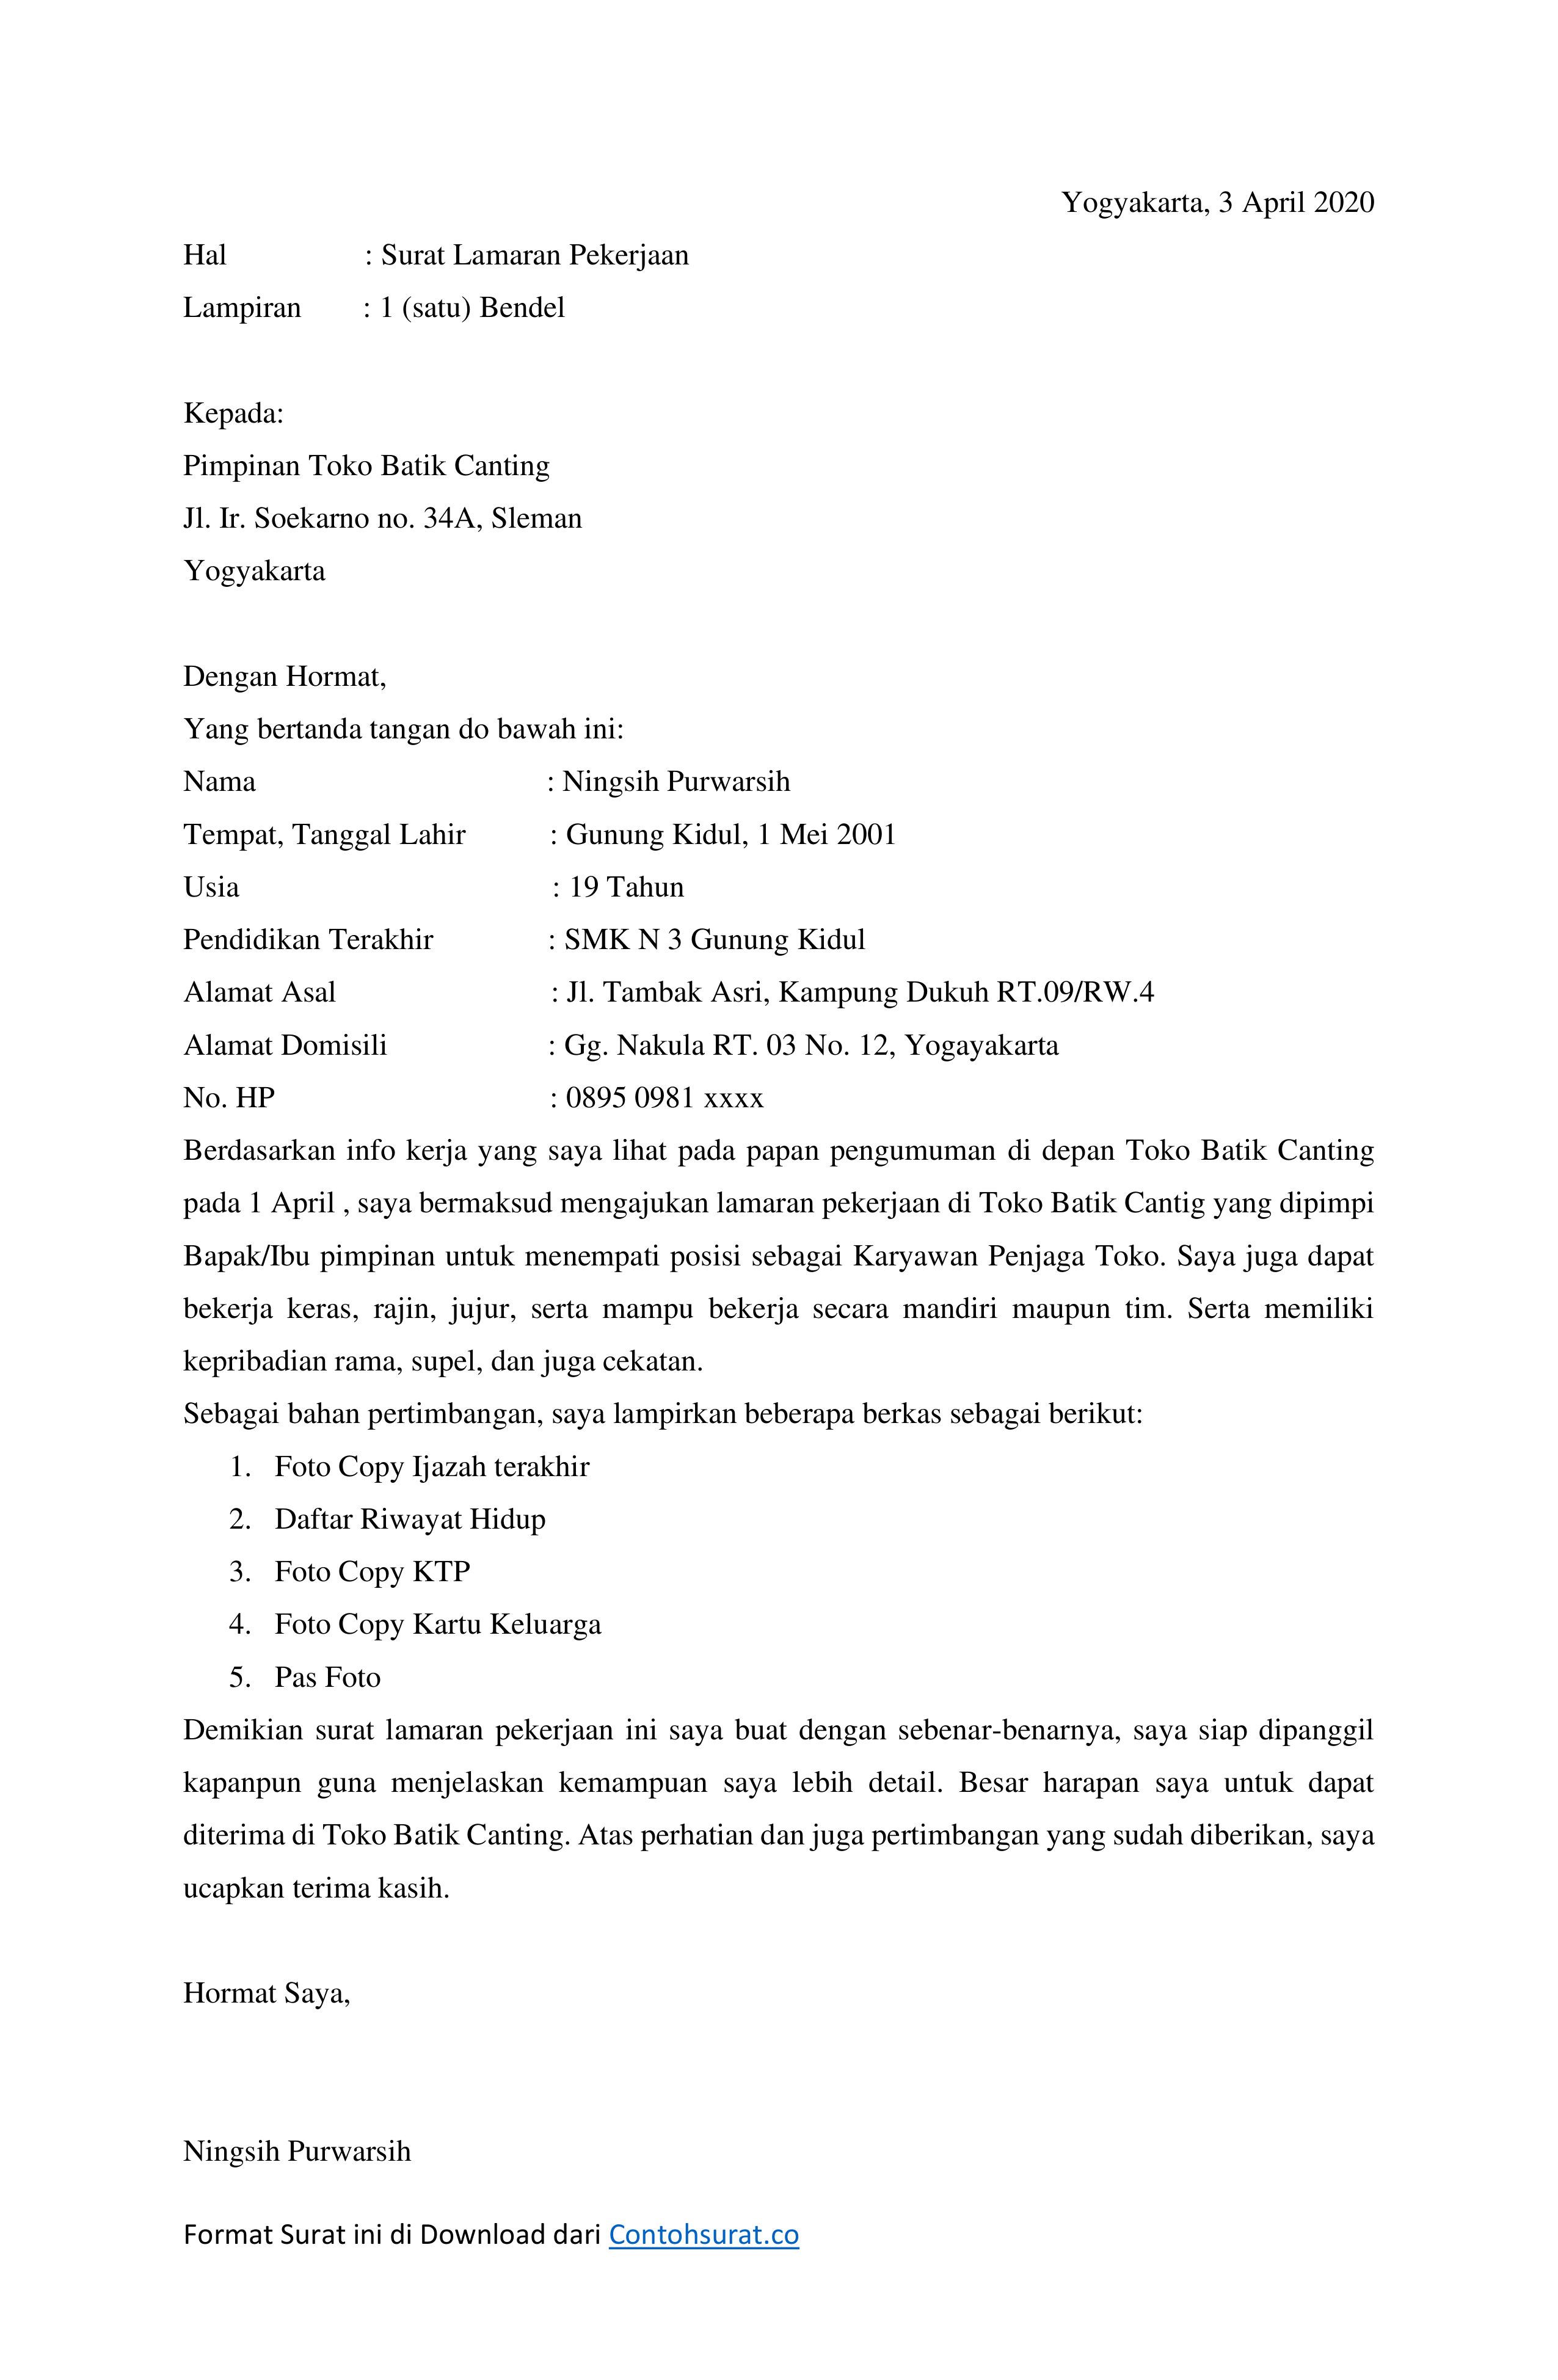 Download Contoh Surat Lamaran Kerja Di Toko Docx Contoh Surat